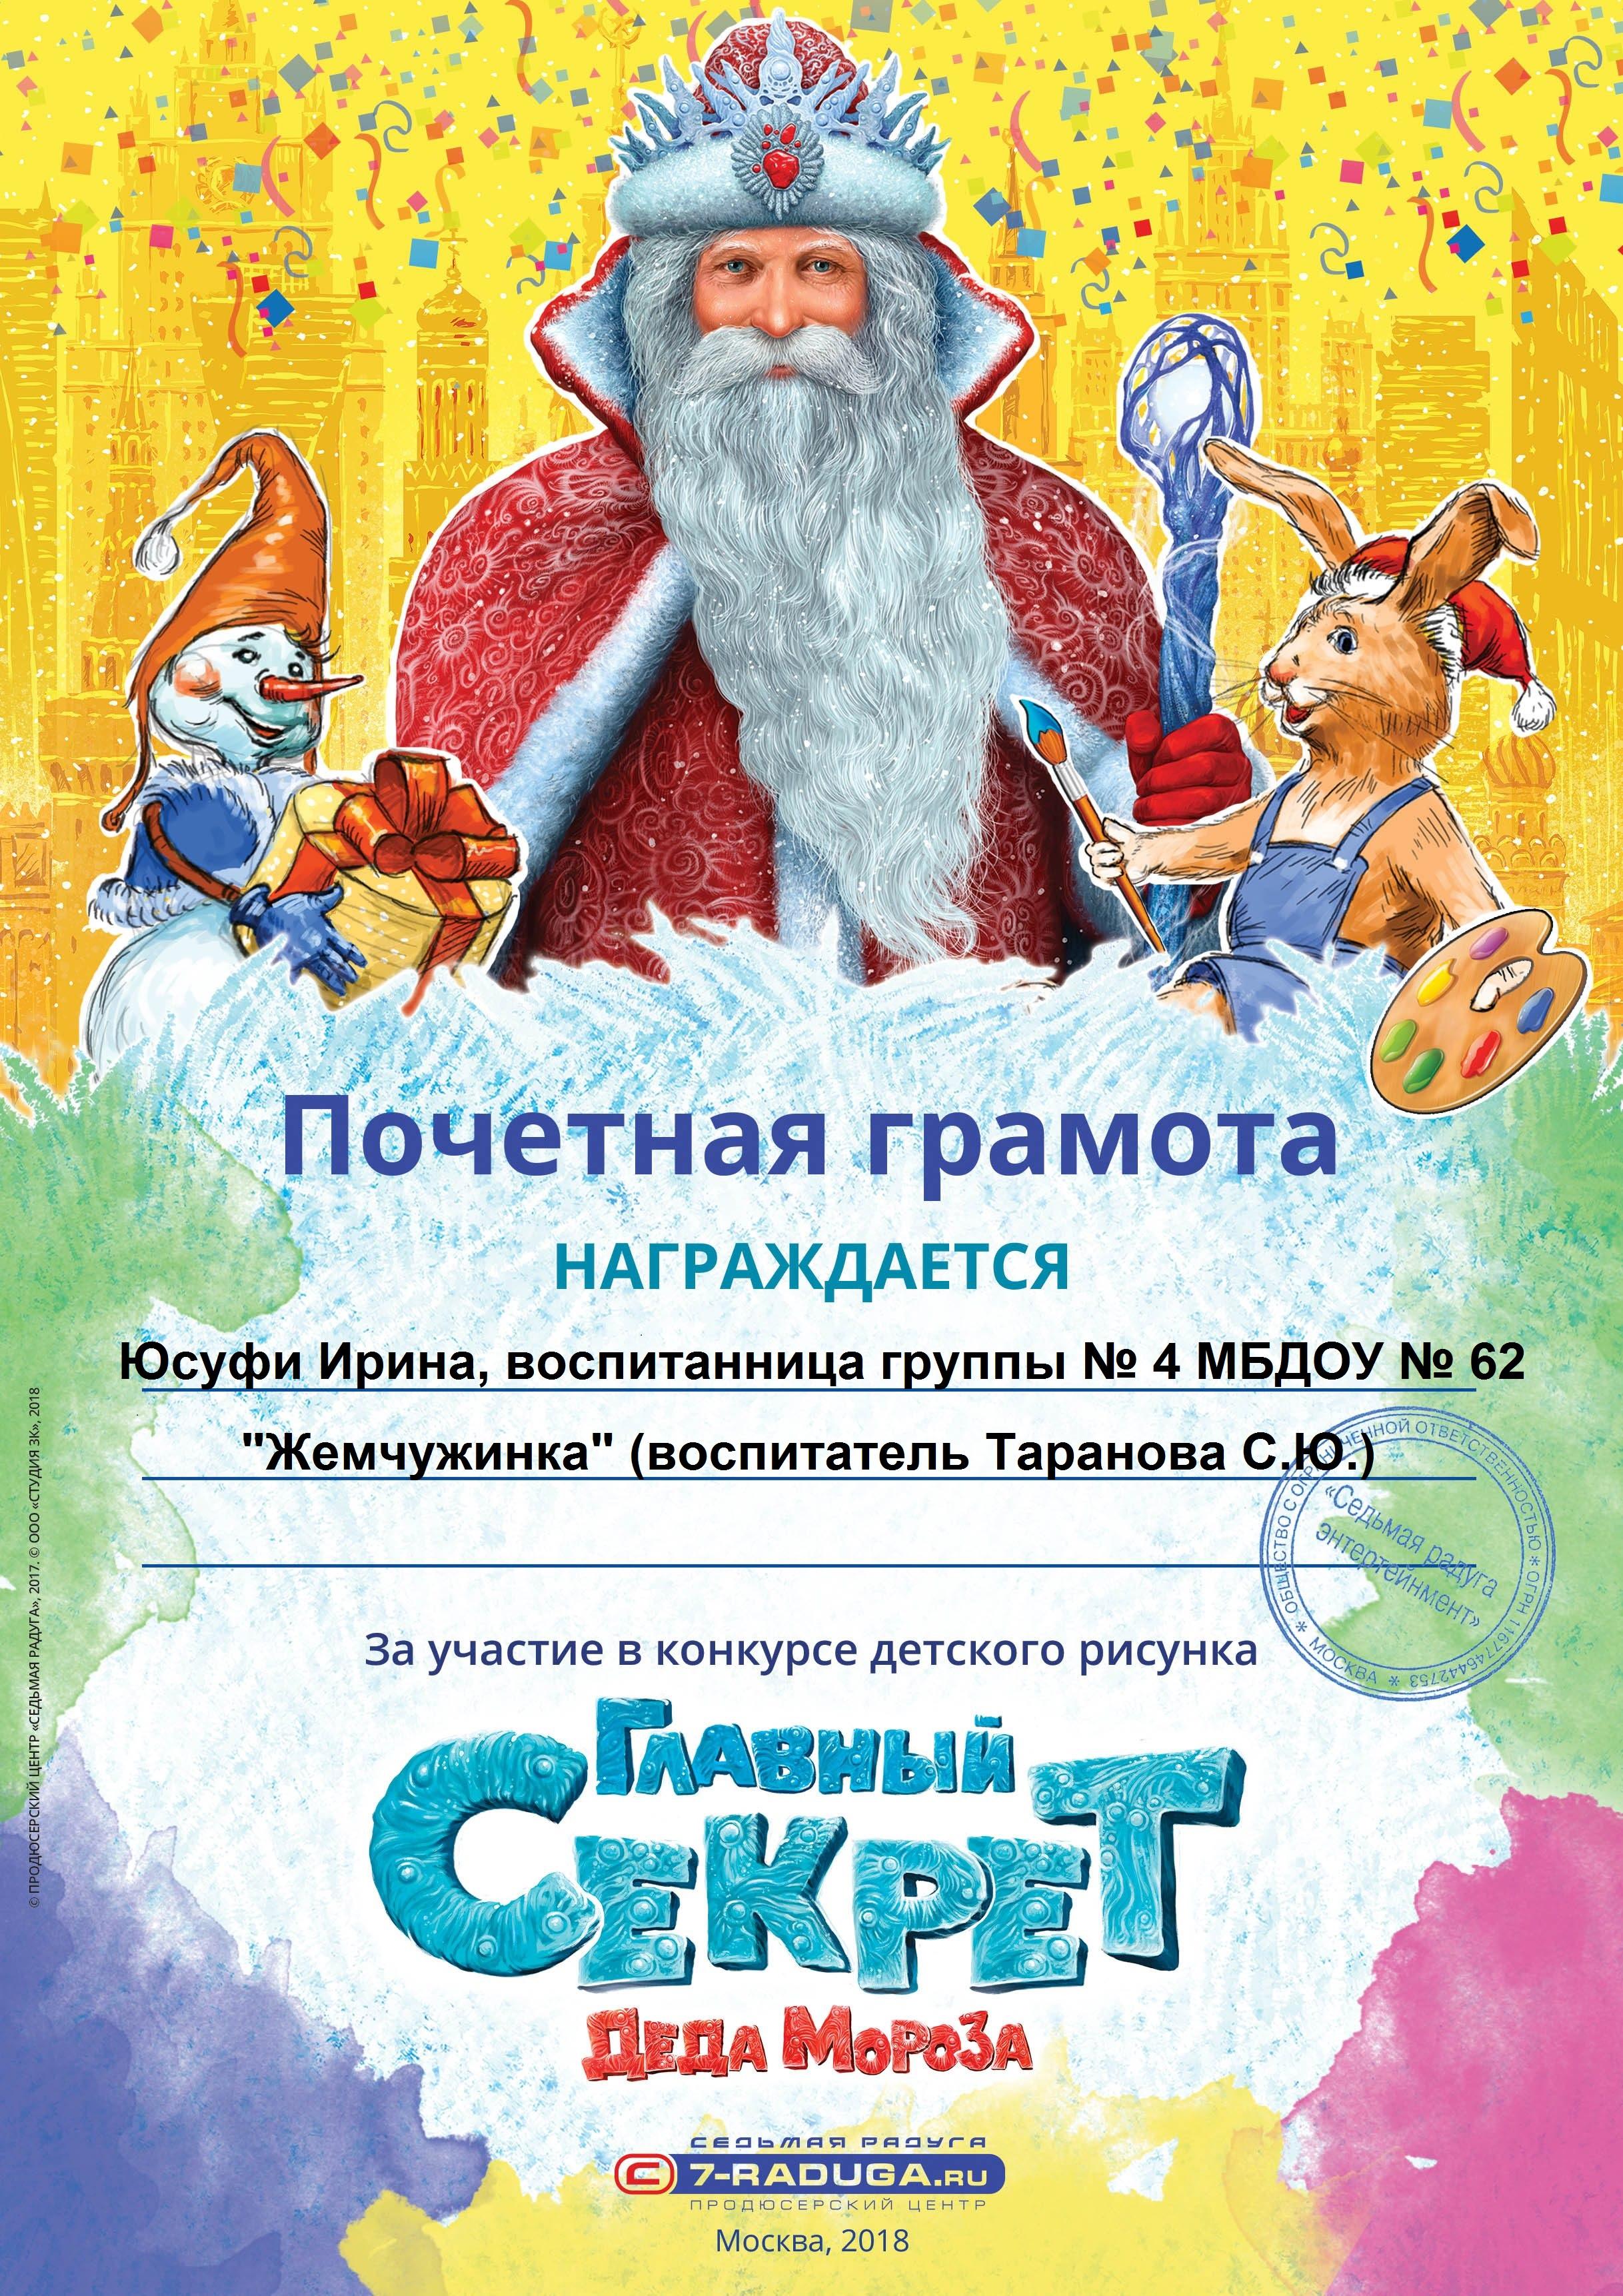 Грамота_участие Таранова